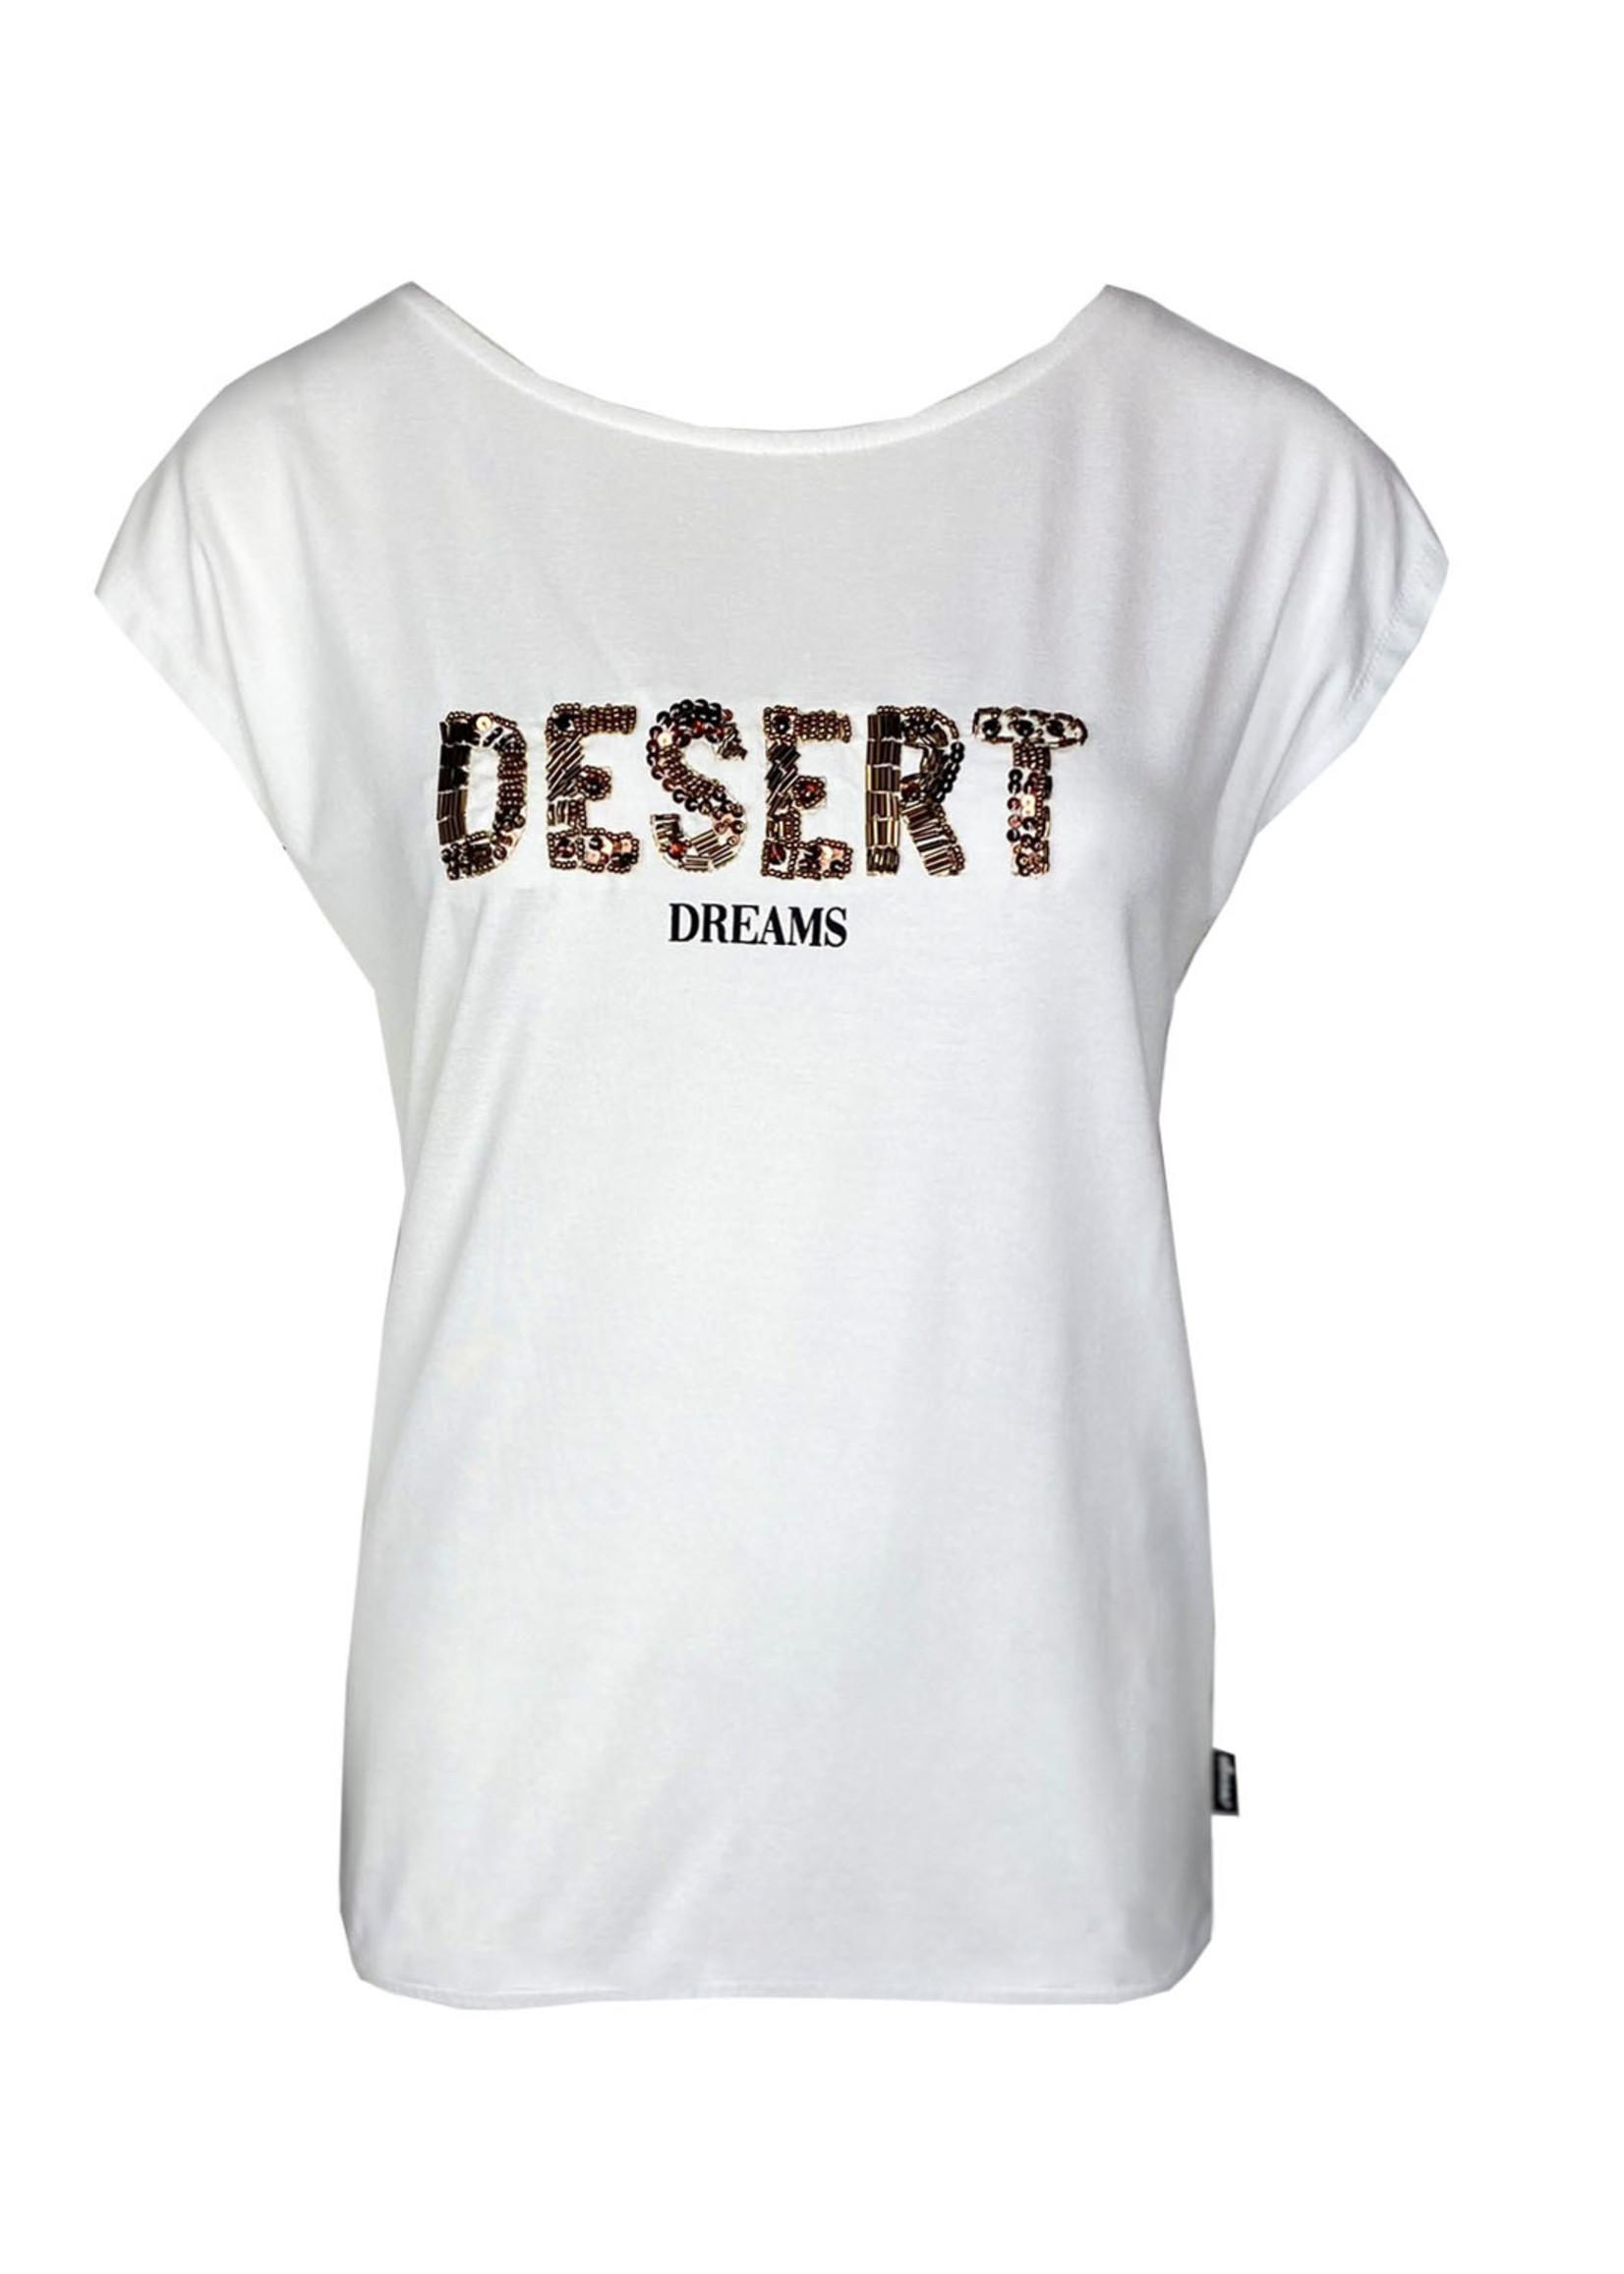 Elvira Collections Elvira Collections Dreamer T-shirt